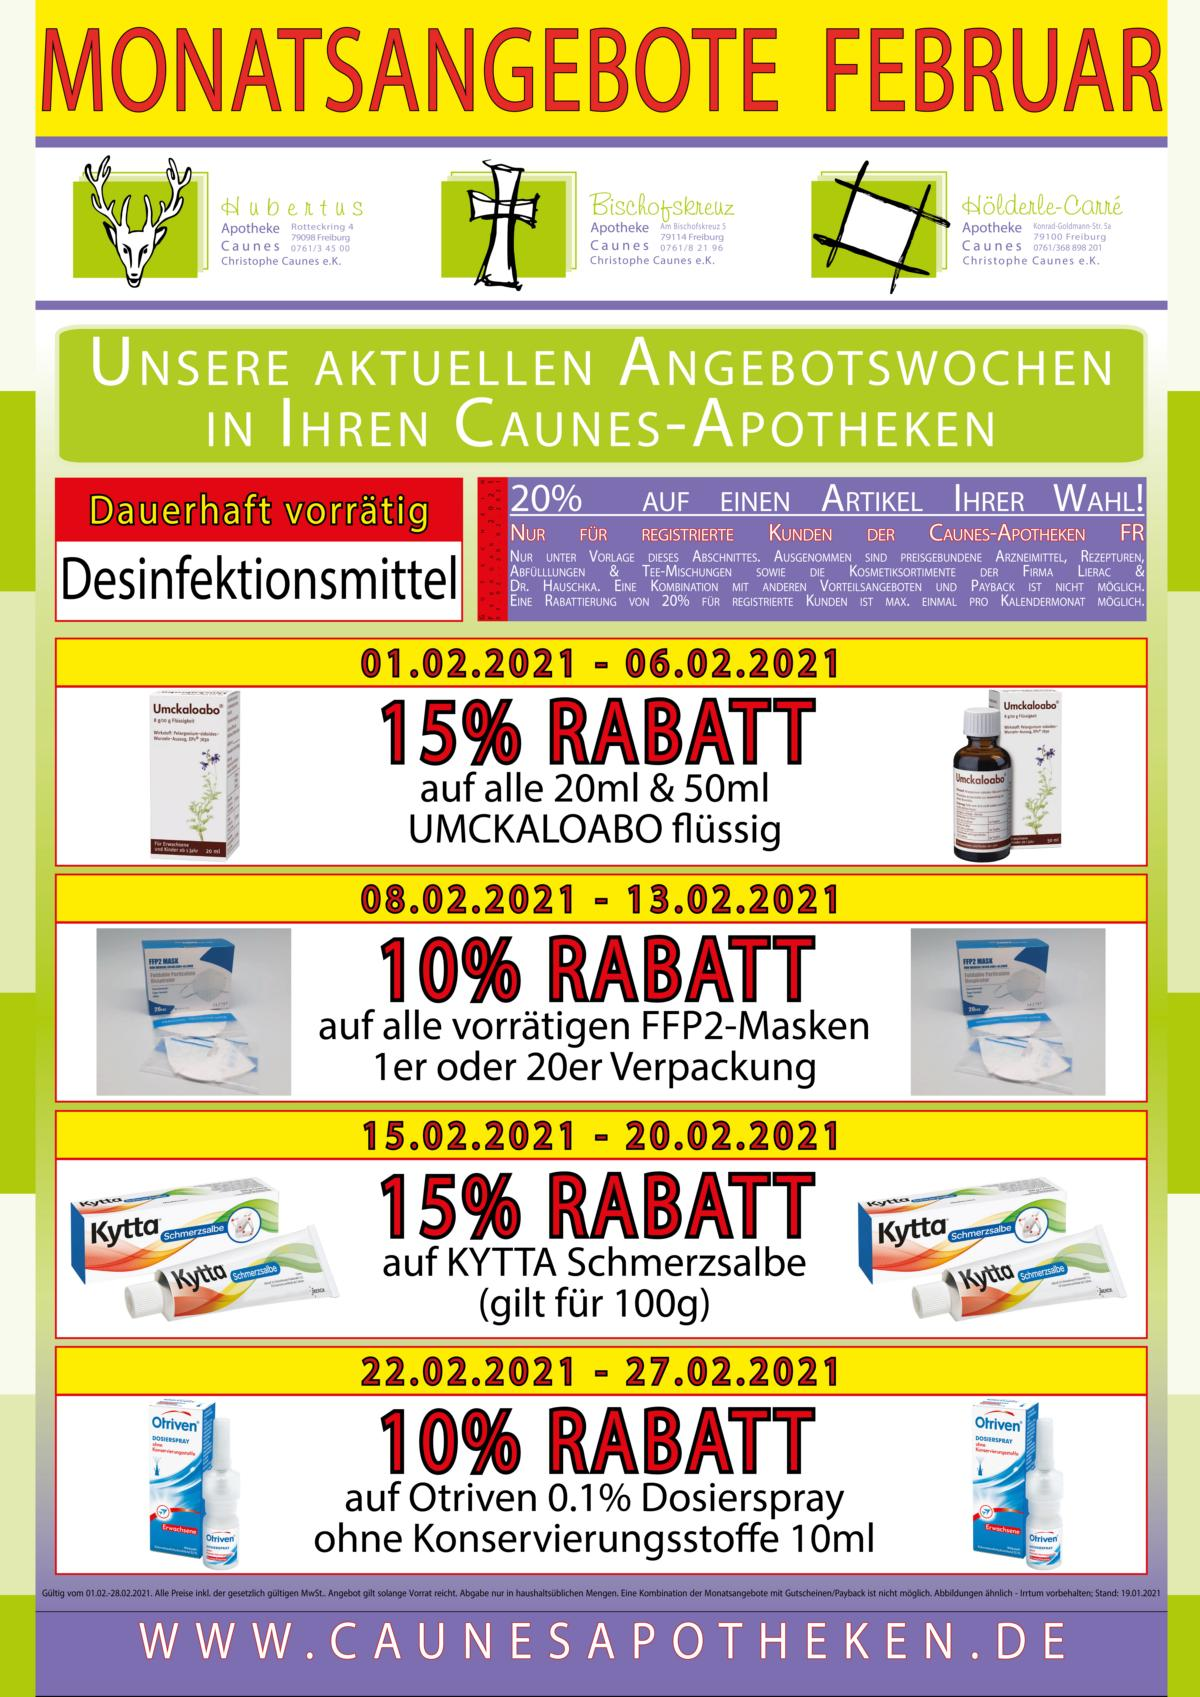 Monatsangebote Teil 1 - Gehwegreiter Plakat DIN-A4 19% - 2021-02 - Freiburg